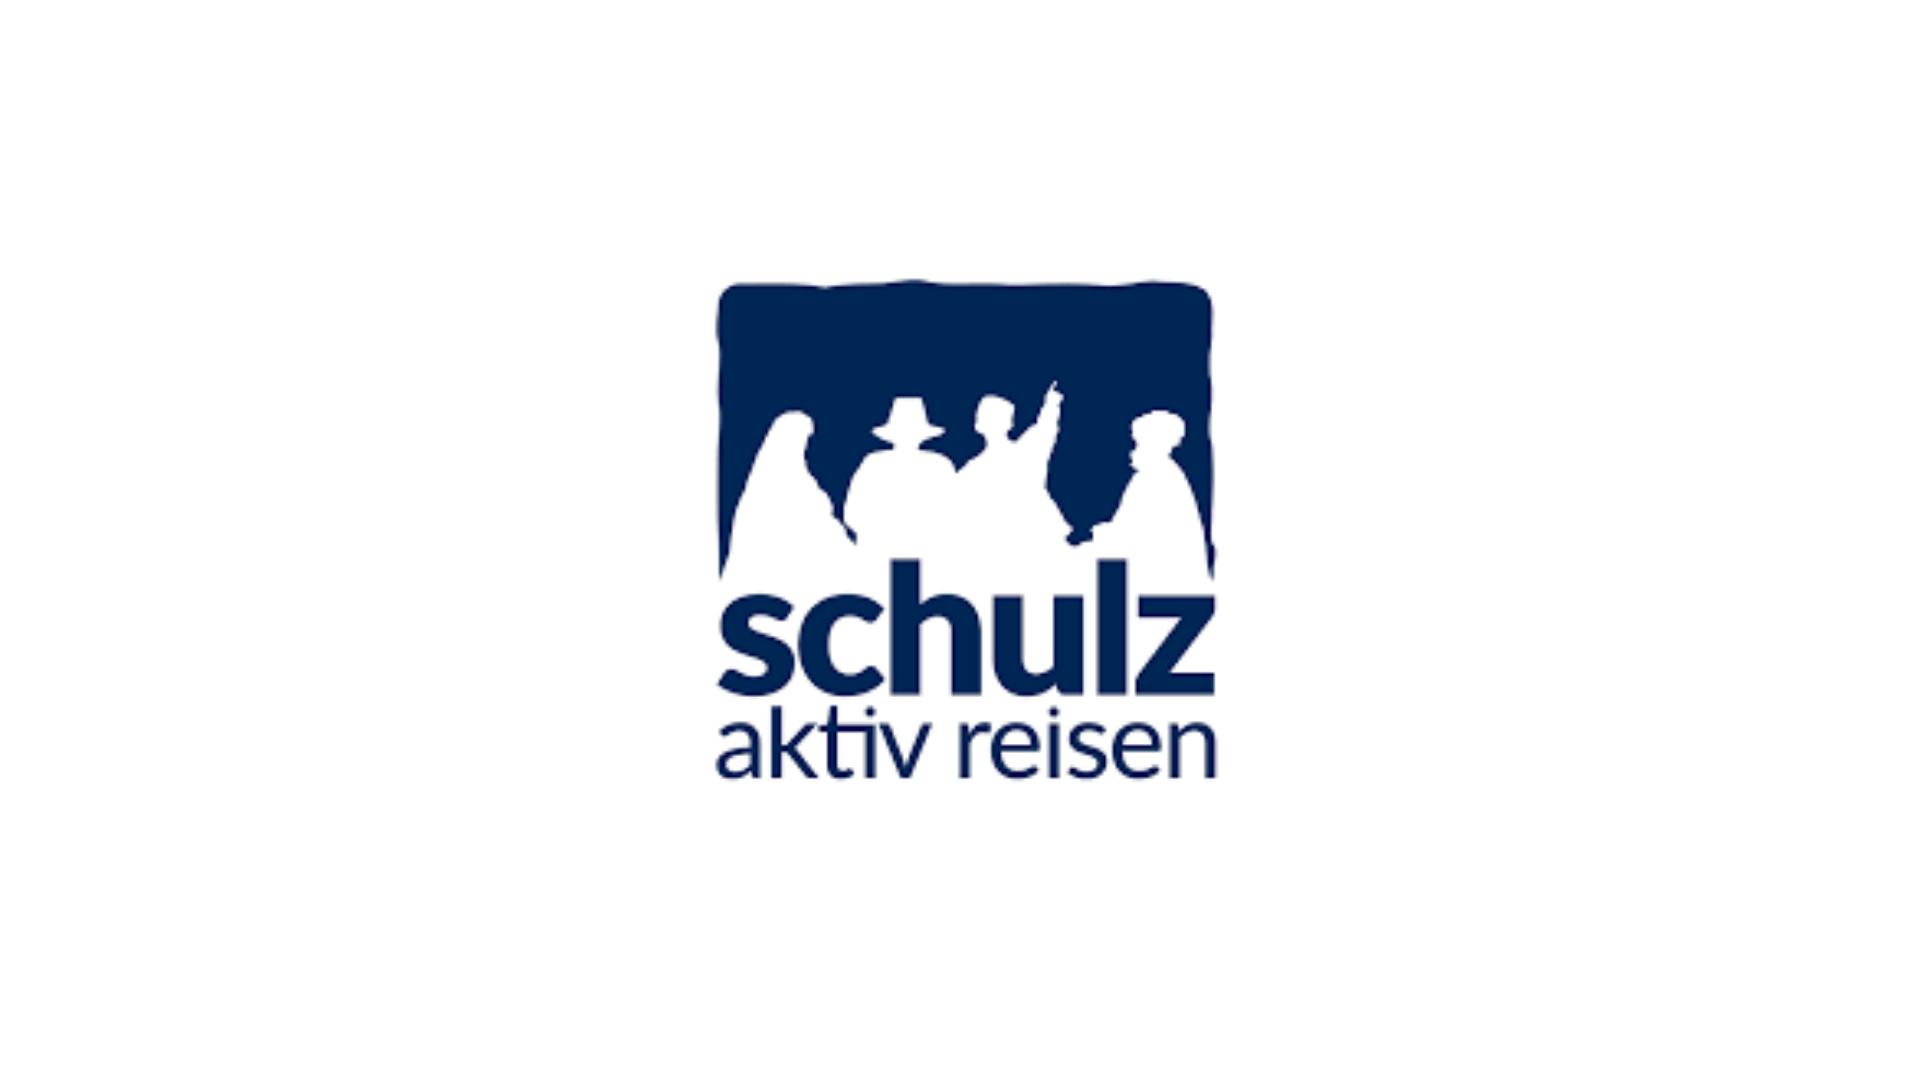 schulz-aktiv-reisen-logo-w